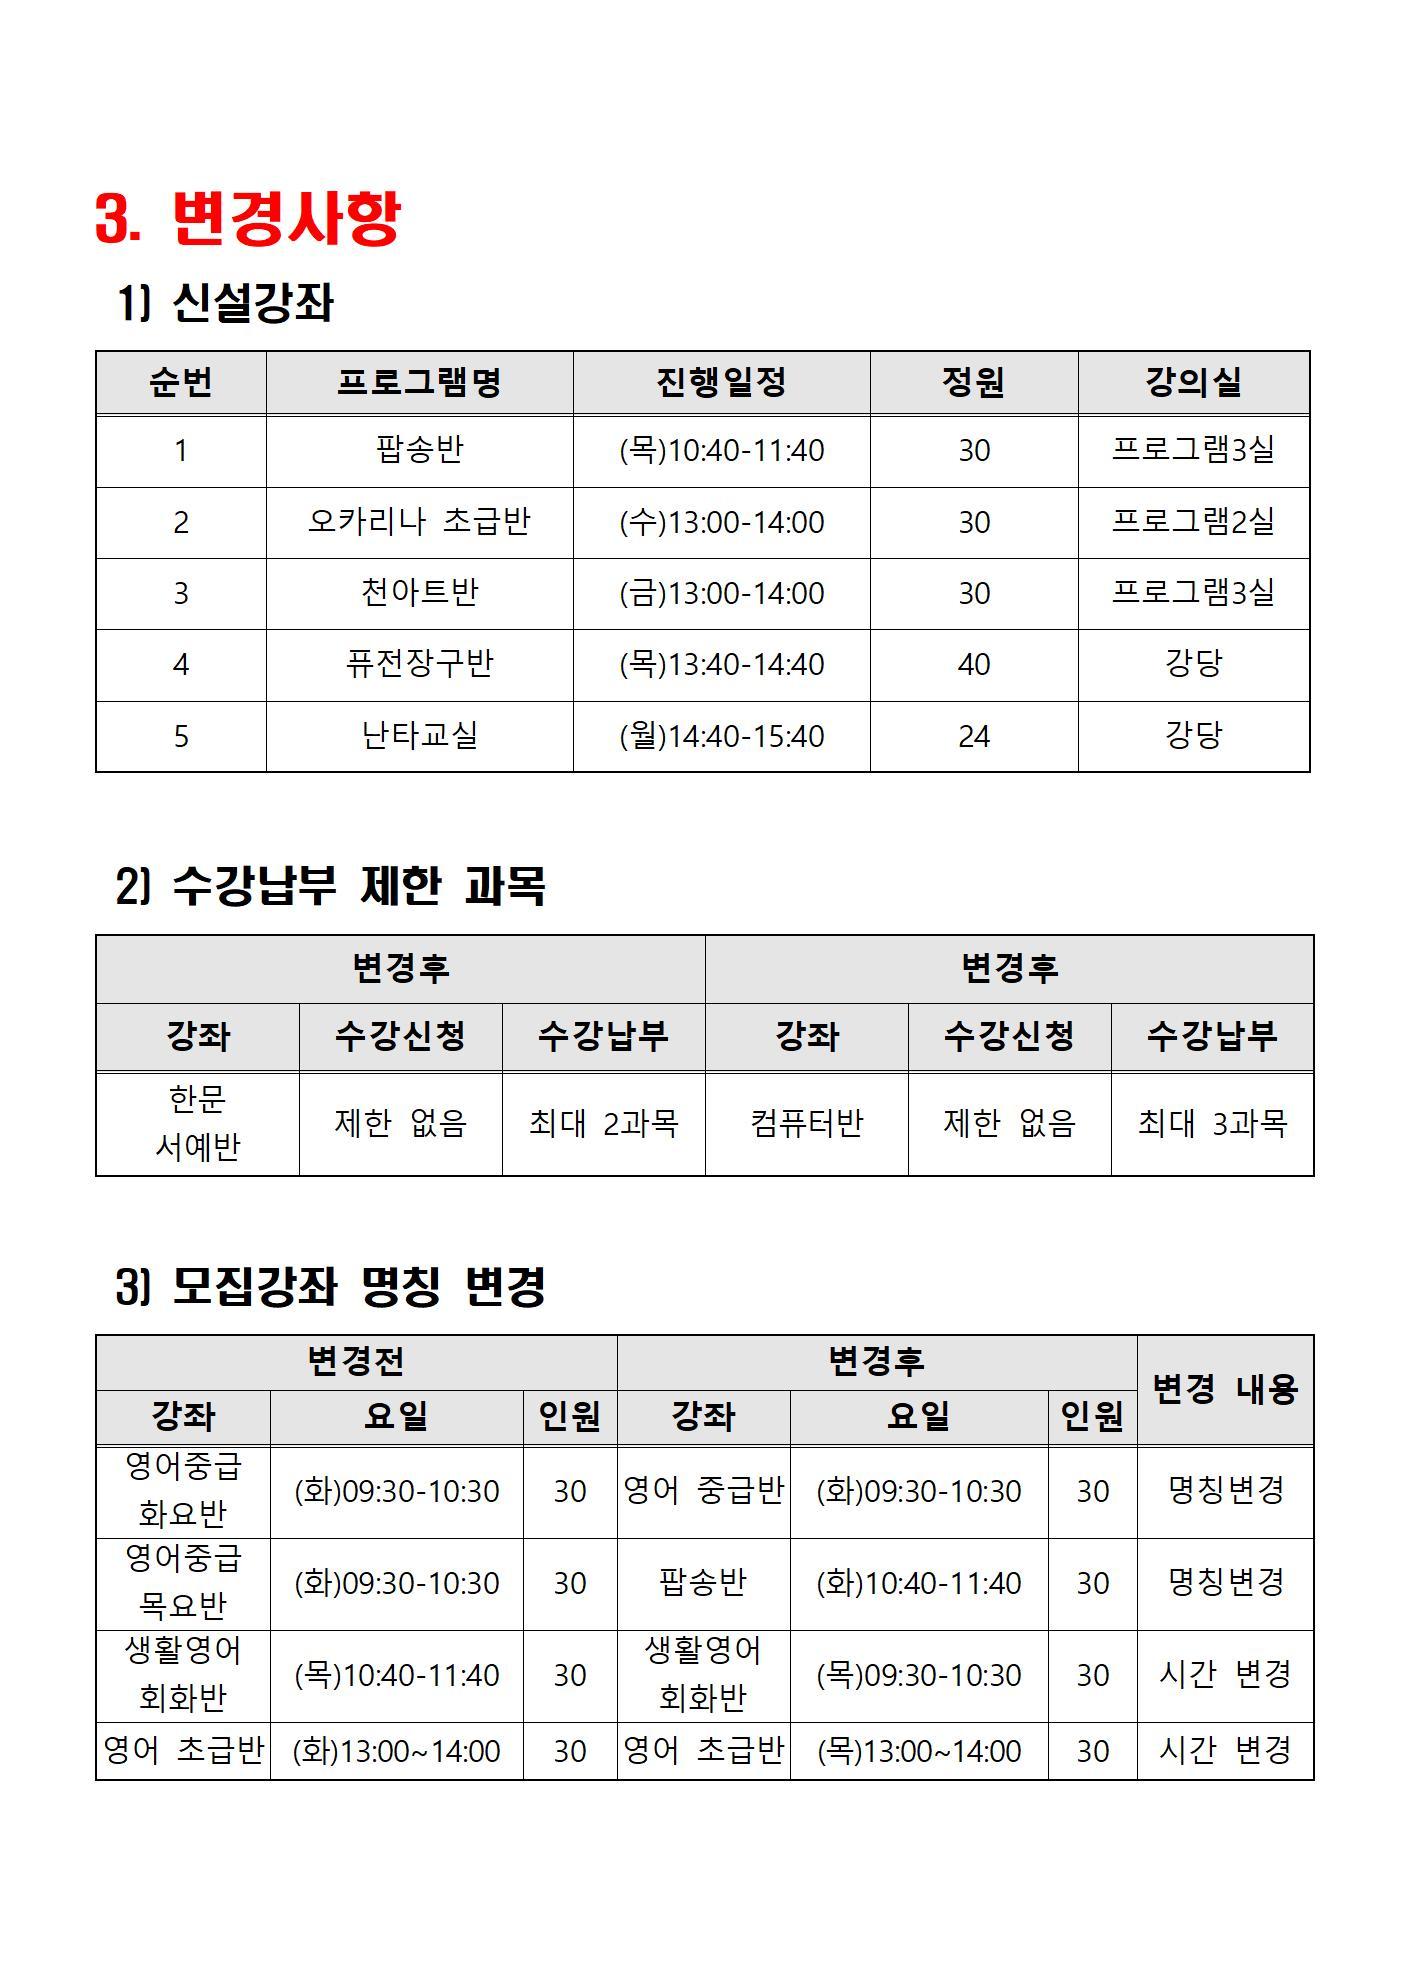 2019년 상반기 수강신청 홍보 안내6.jpg